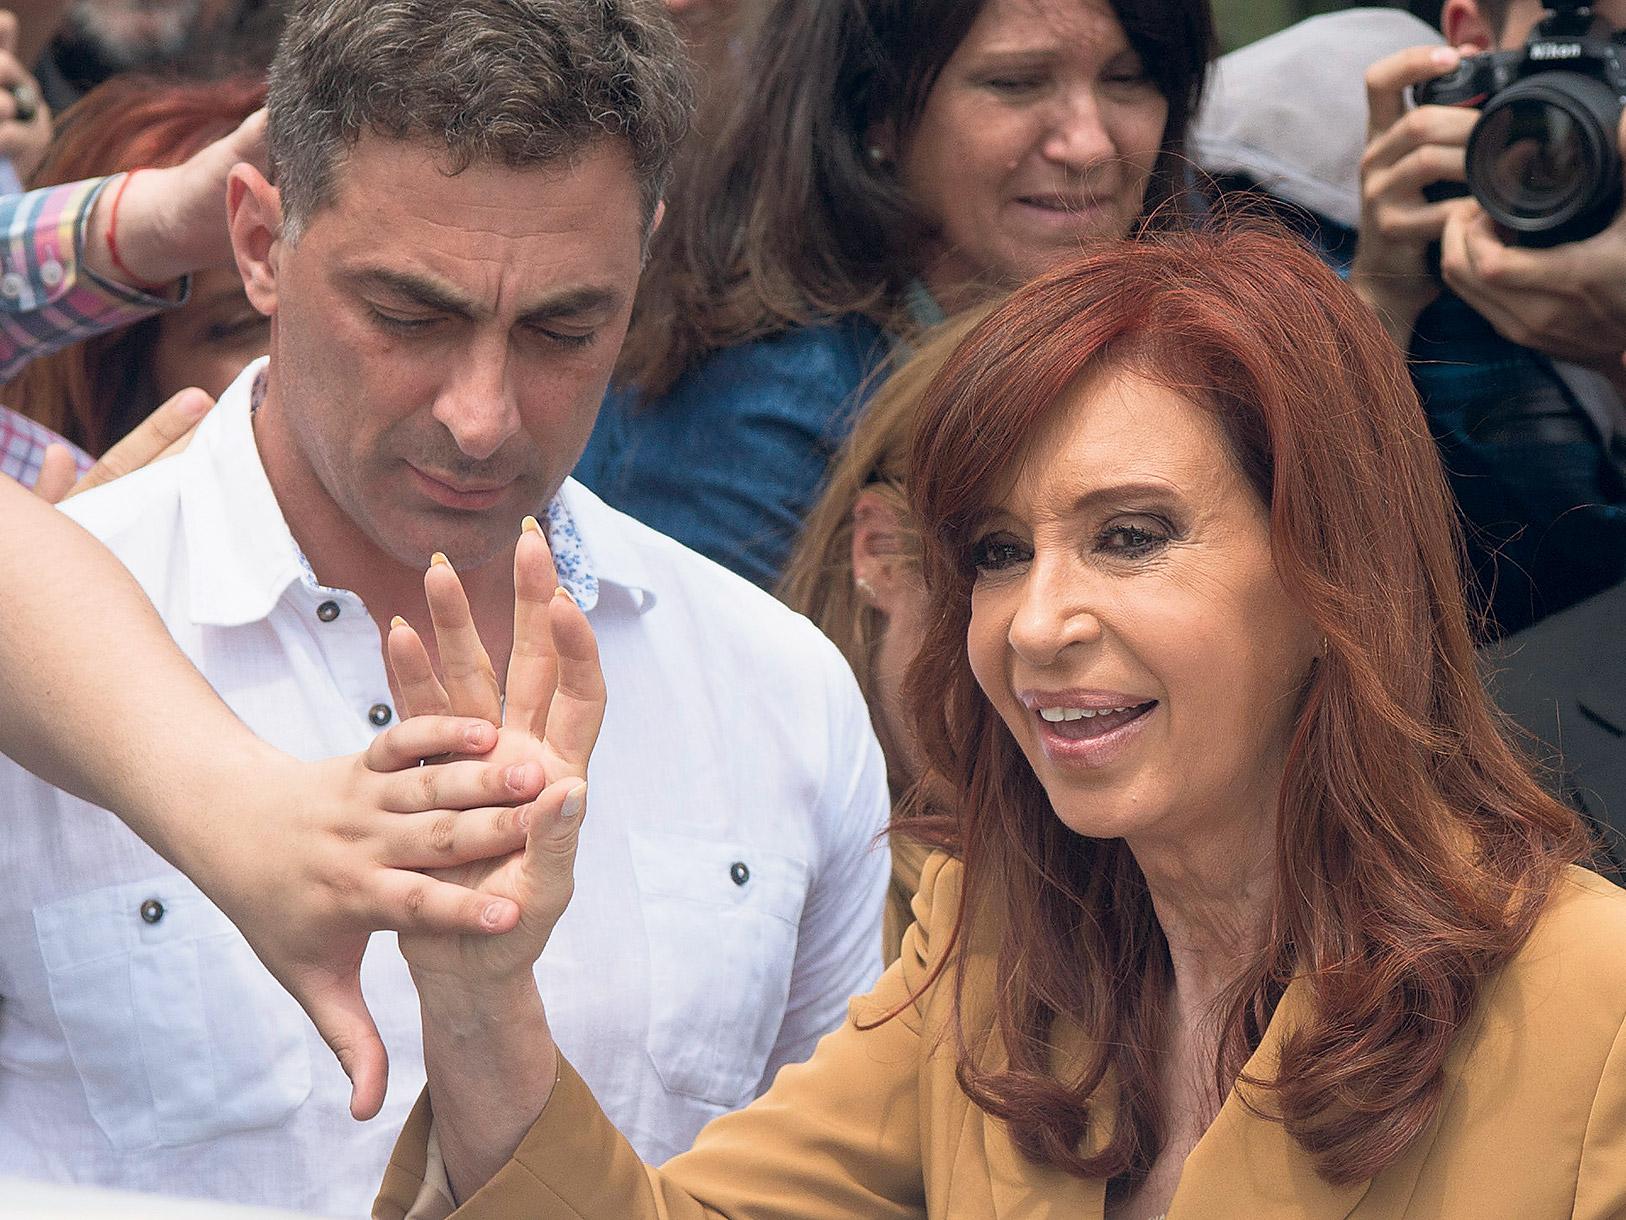 La ex presidenta Cristina Kirchner publicó ayer su mensaje en las redes sociales.